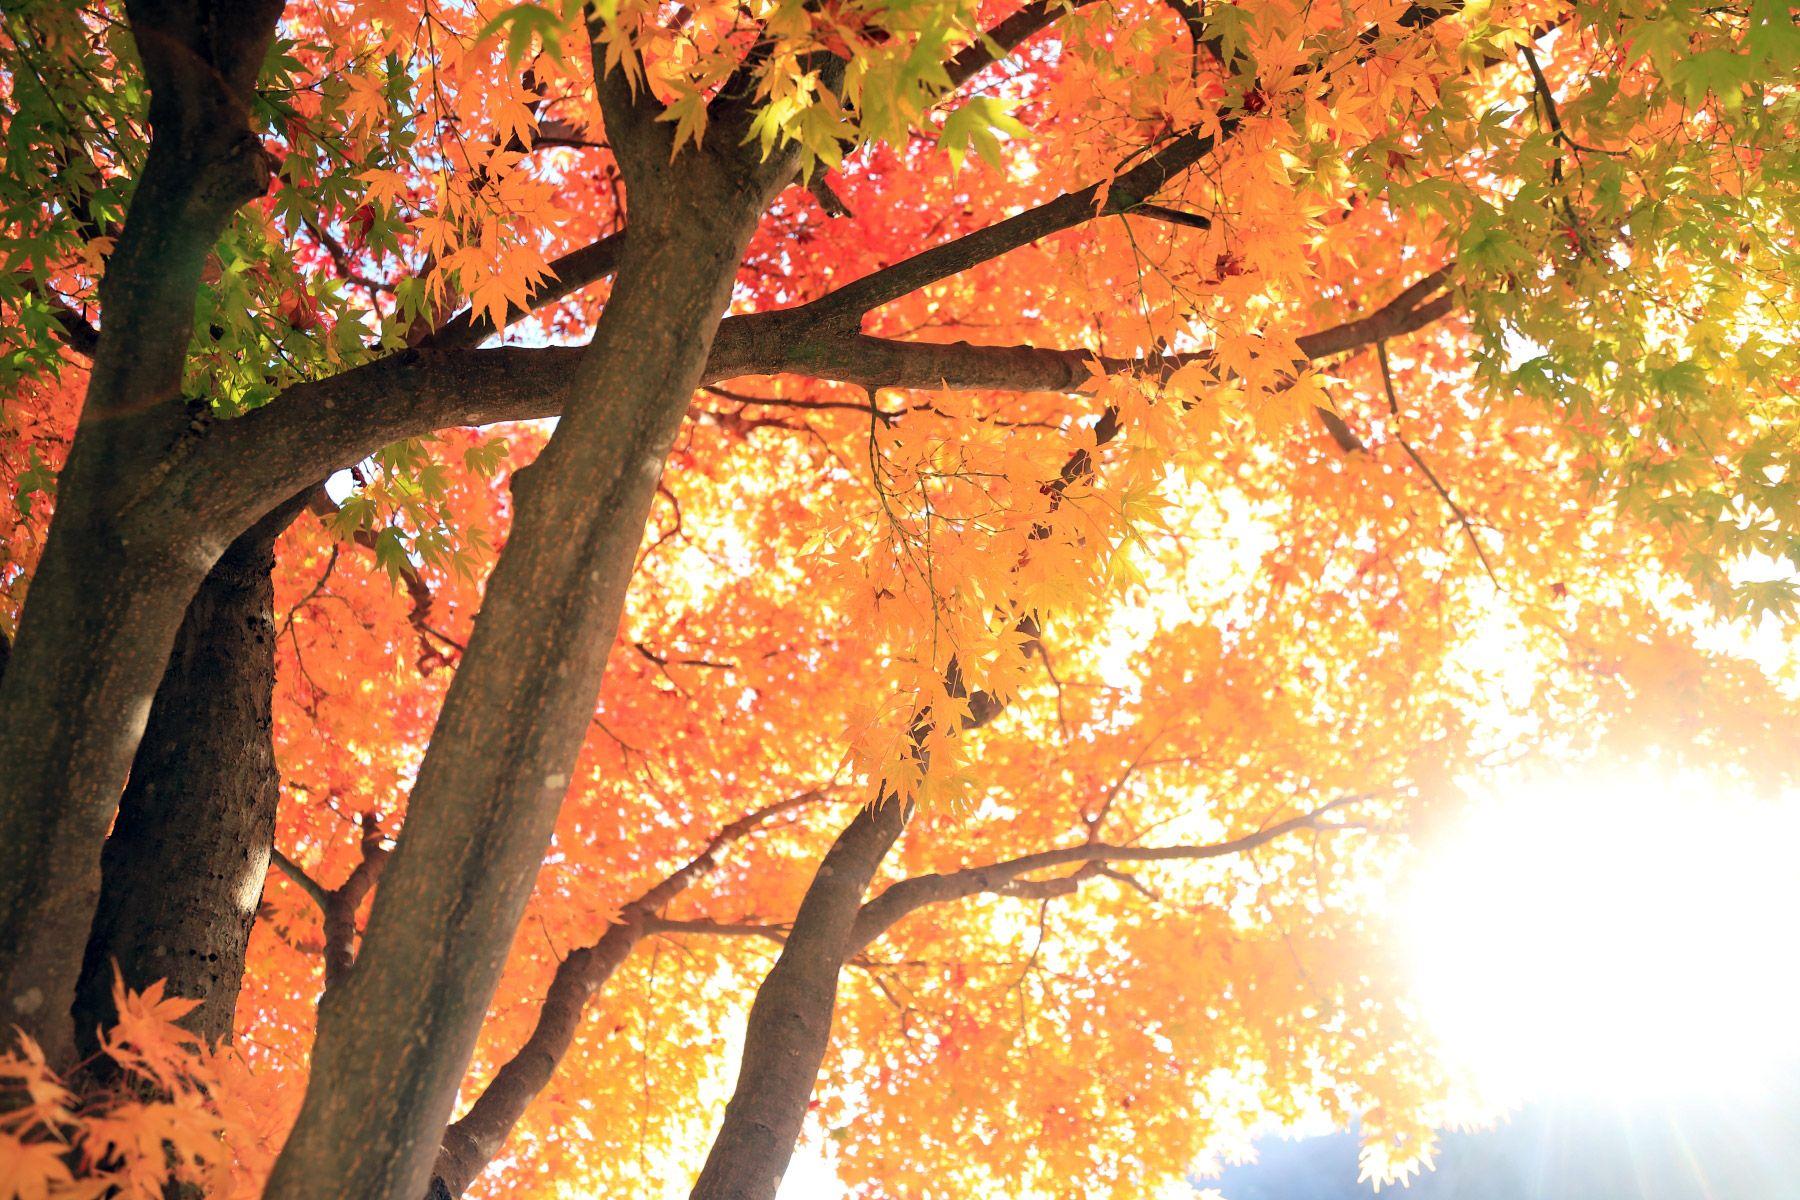 紅葉樹 陽光浴びて 壁紙自然派 楽天ブログ